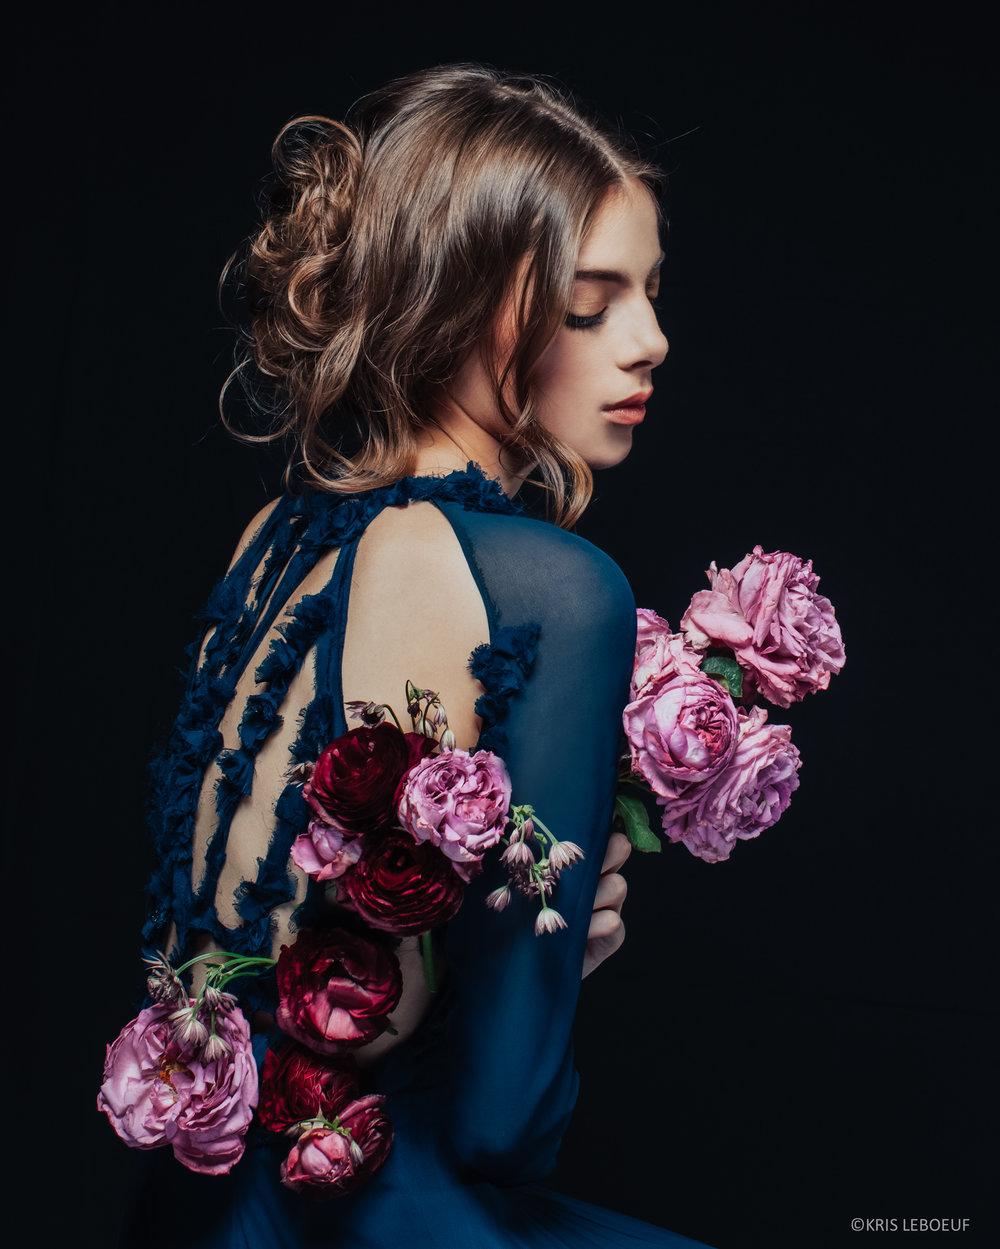 Kris-LeBoeuf_Dark-Floral_6897.jpg